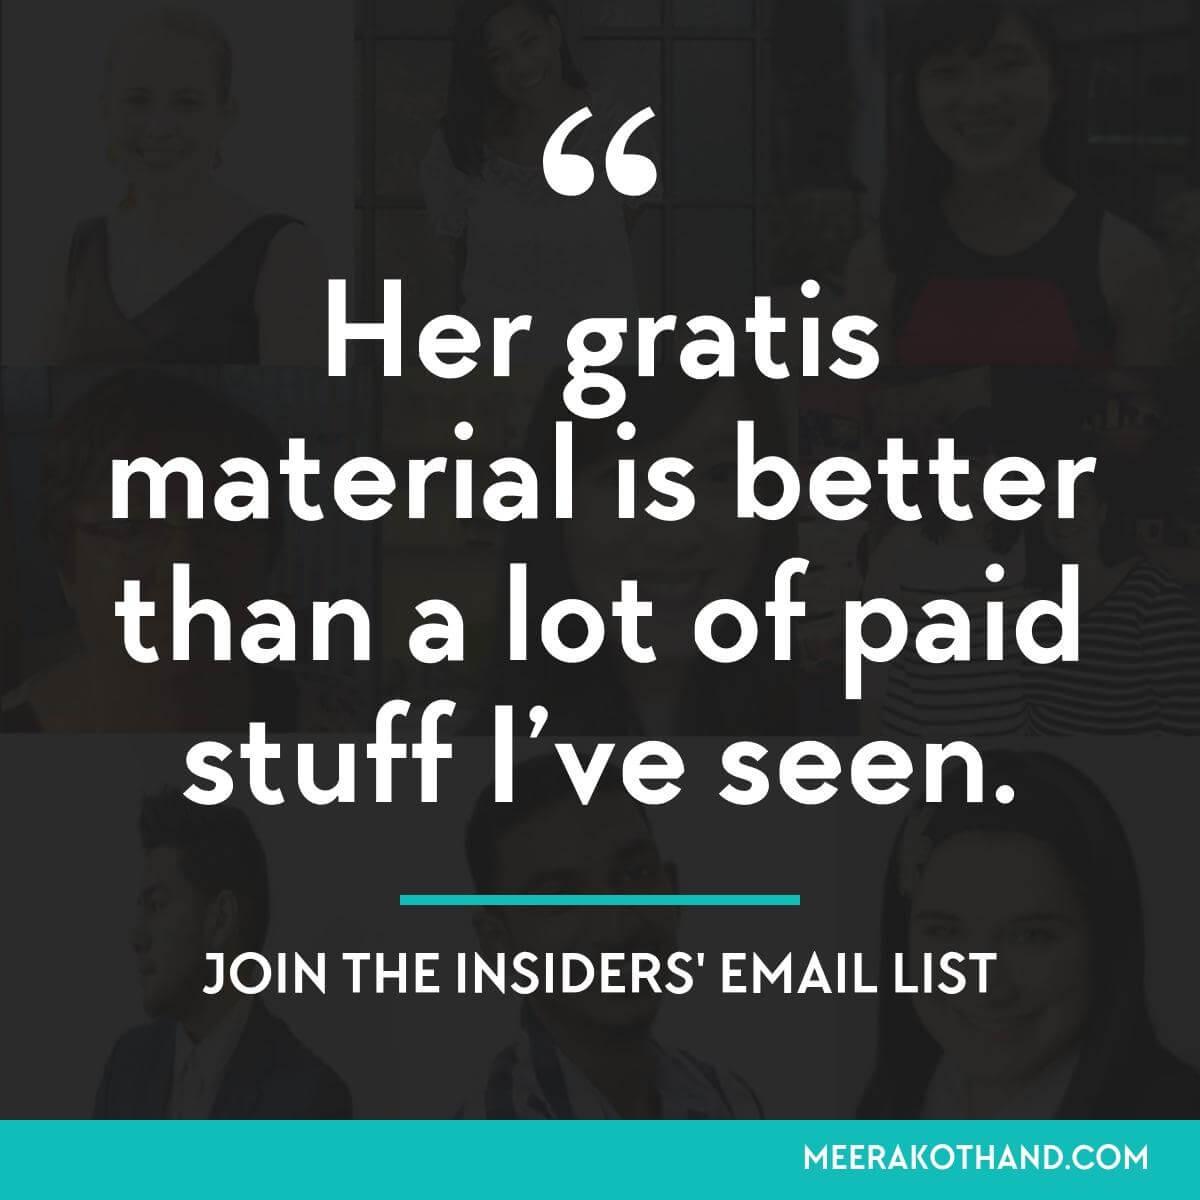 meerakothand email list